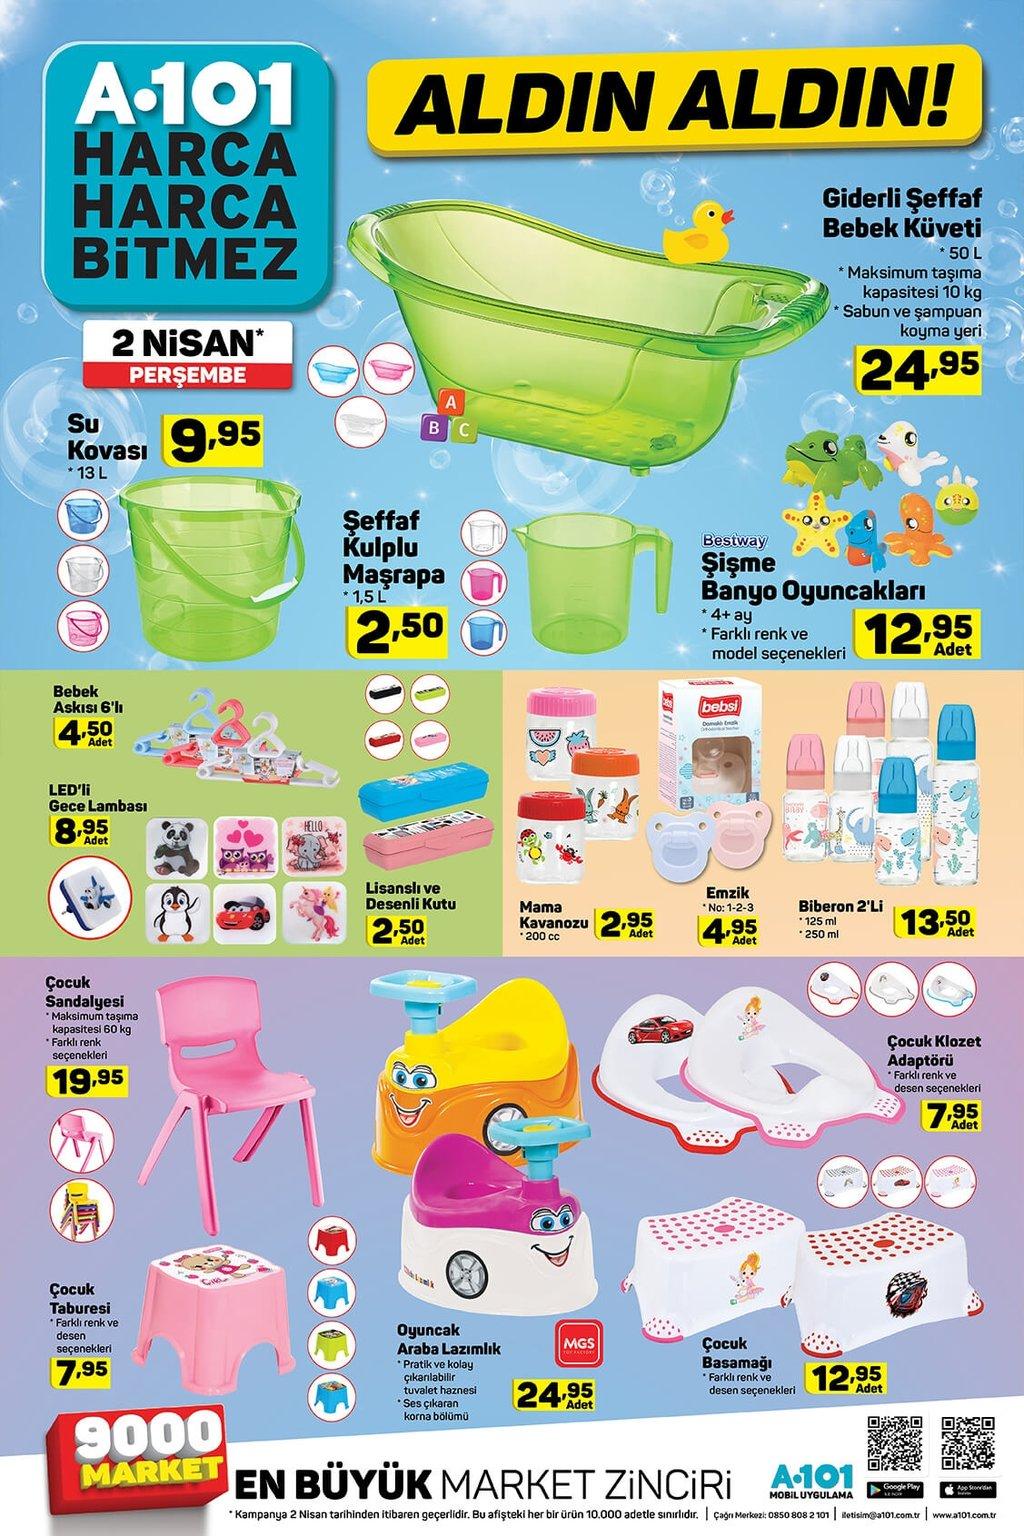 A101 aktüel ürünler kataloğu 2 Nisan Perşembe! İşte haftanın indirimleri...